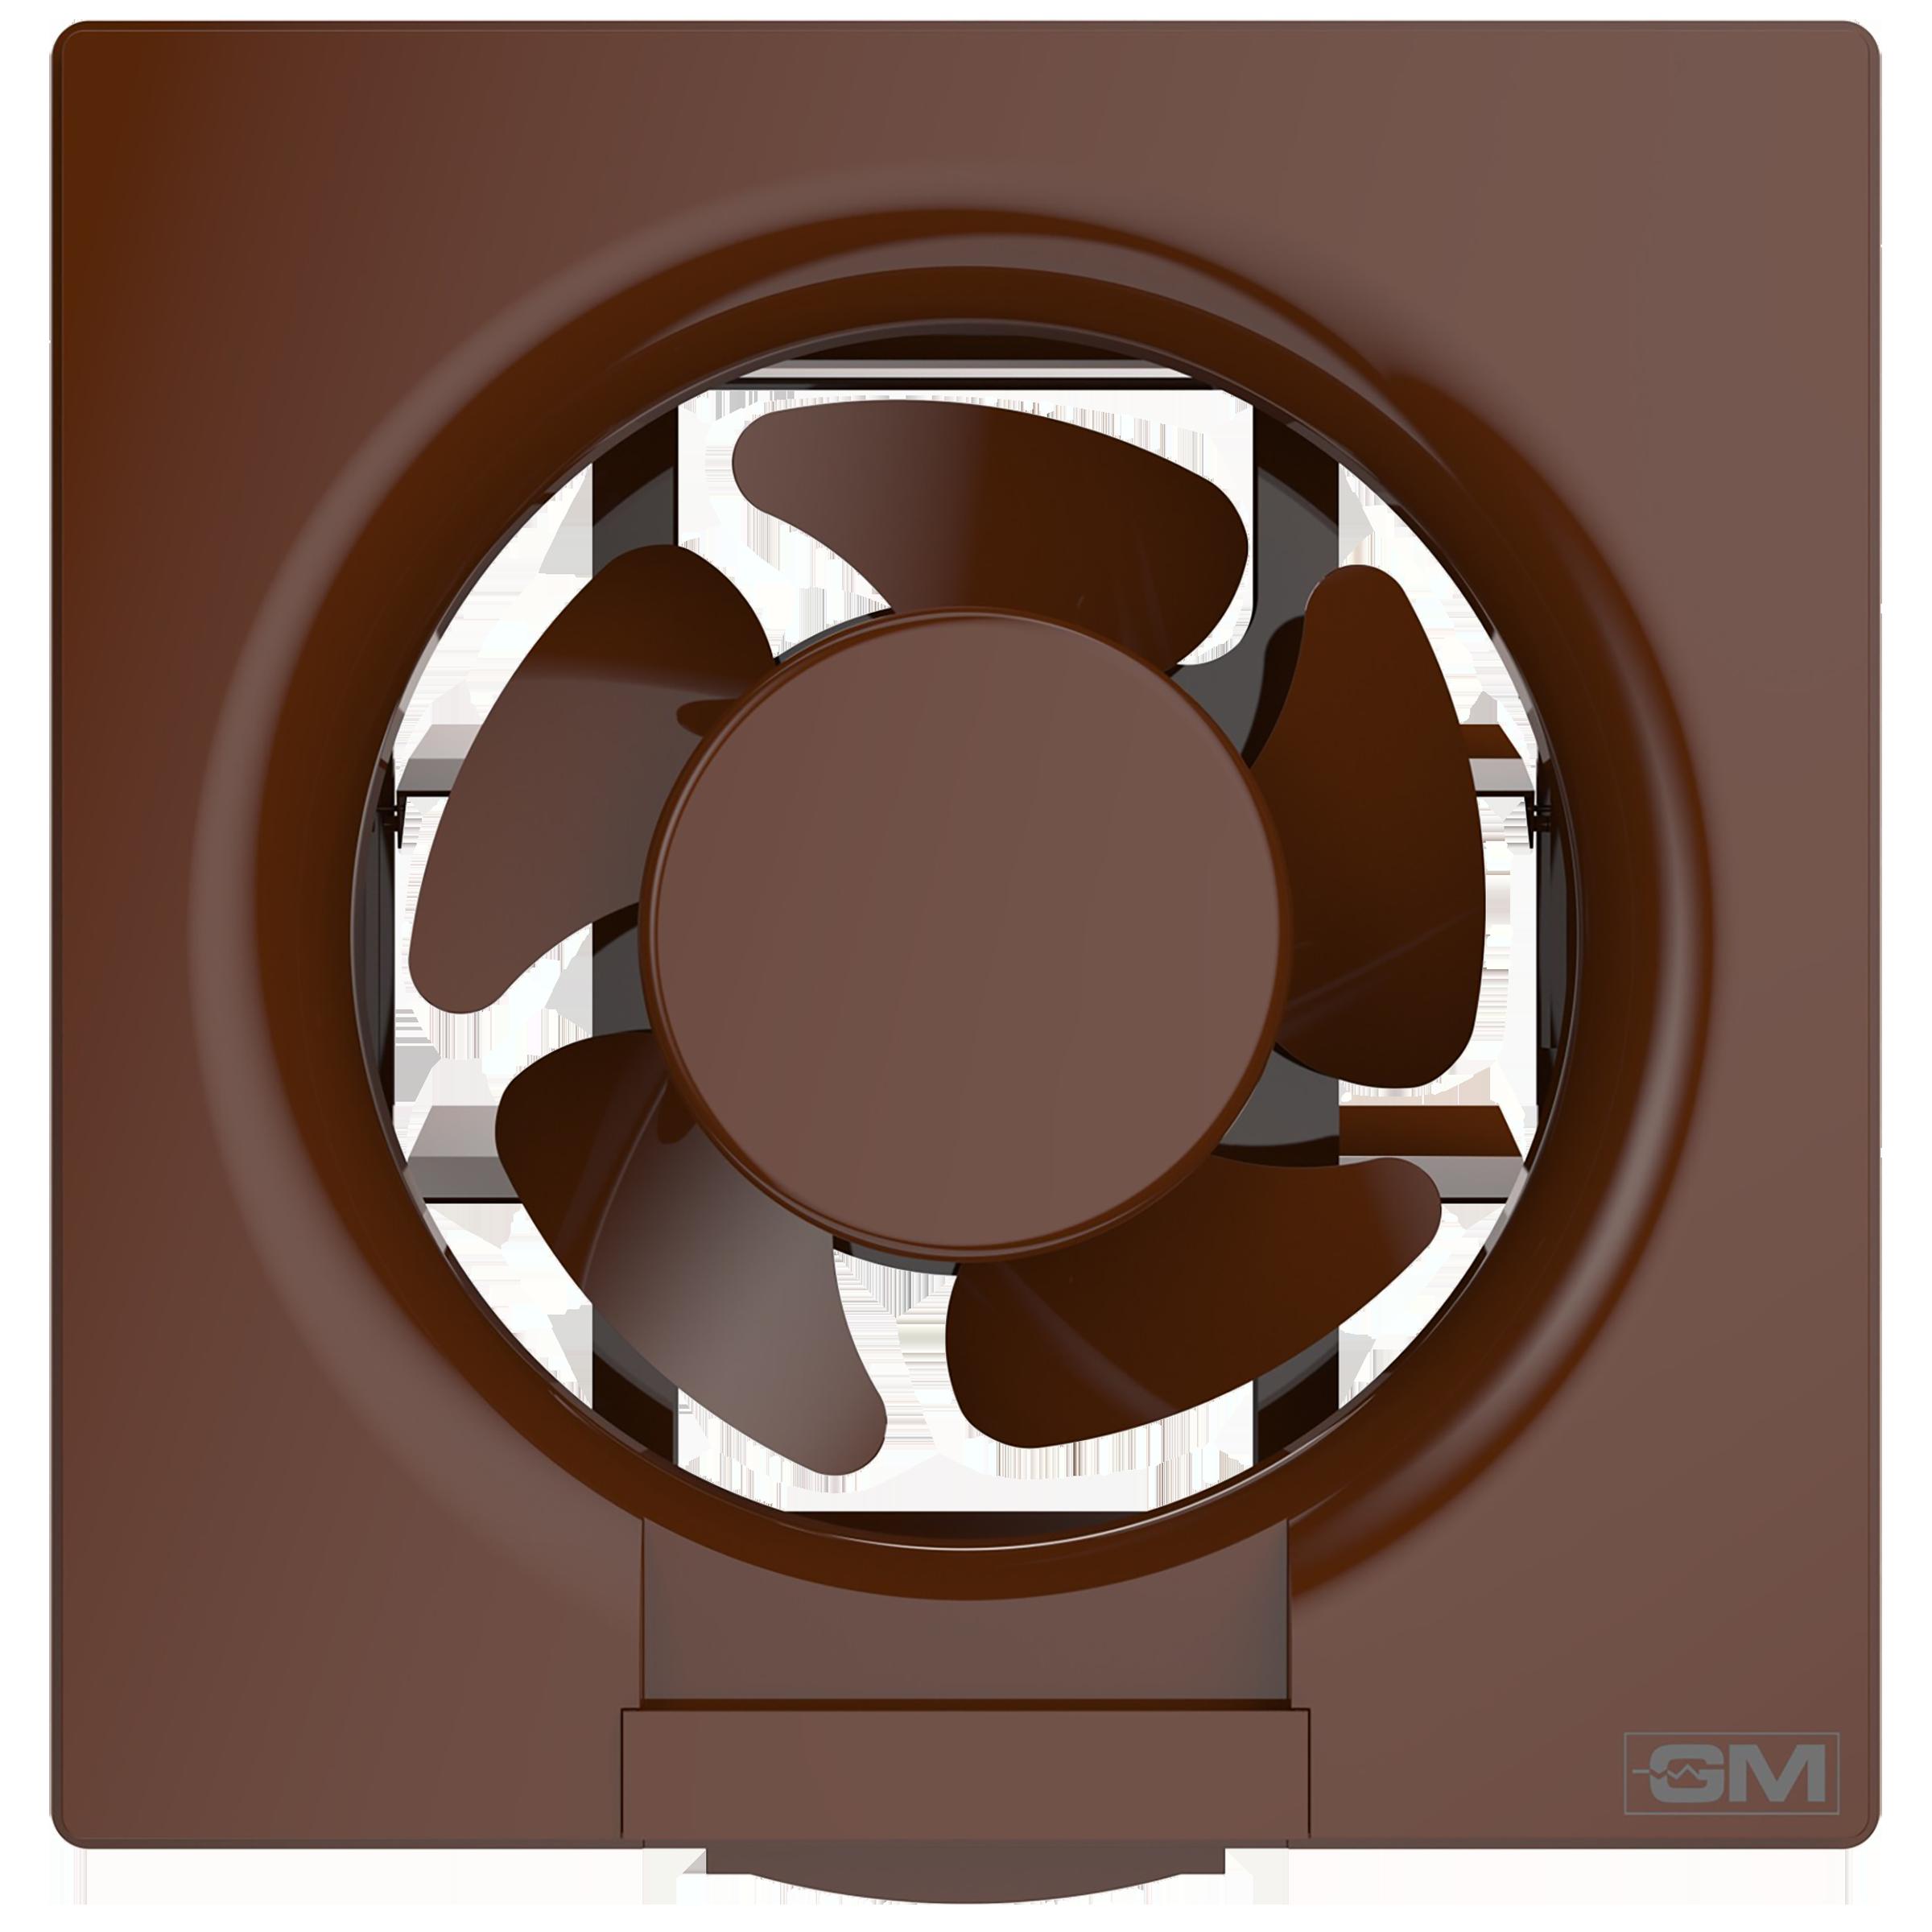 GM Eco Air 15 cm Sweep Exhaust Fan (Noiseless Fan, VFB060014BRGL, Brown)_1